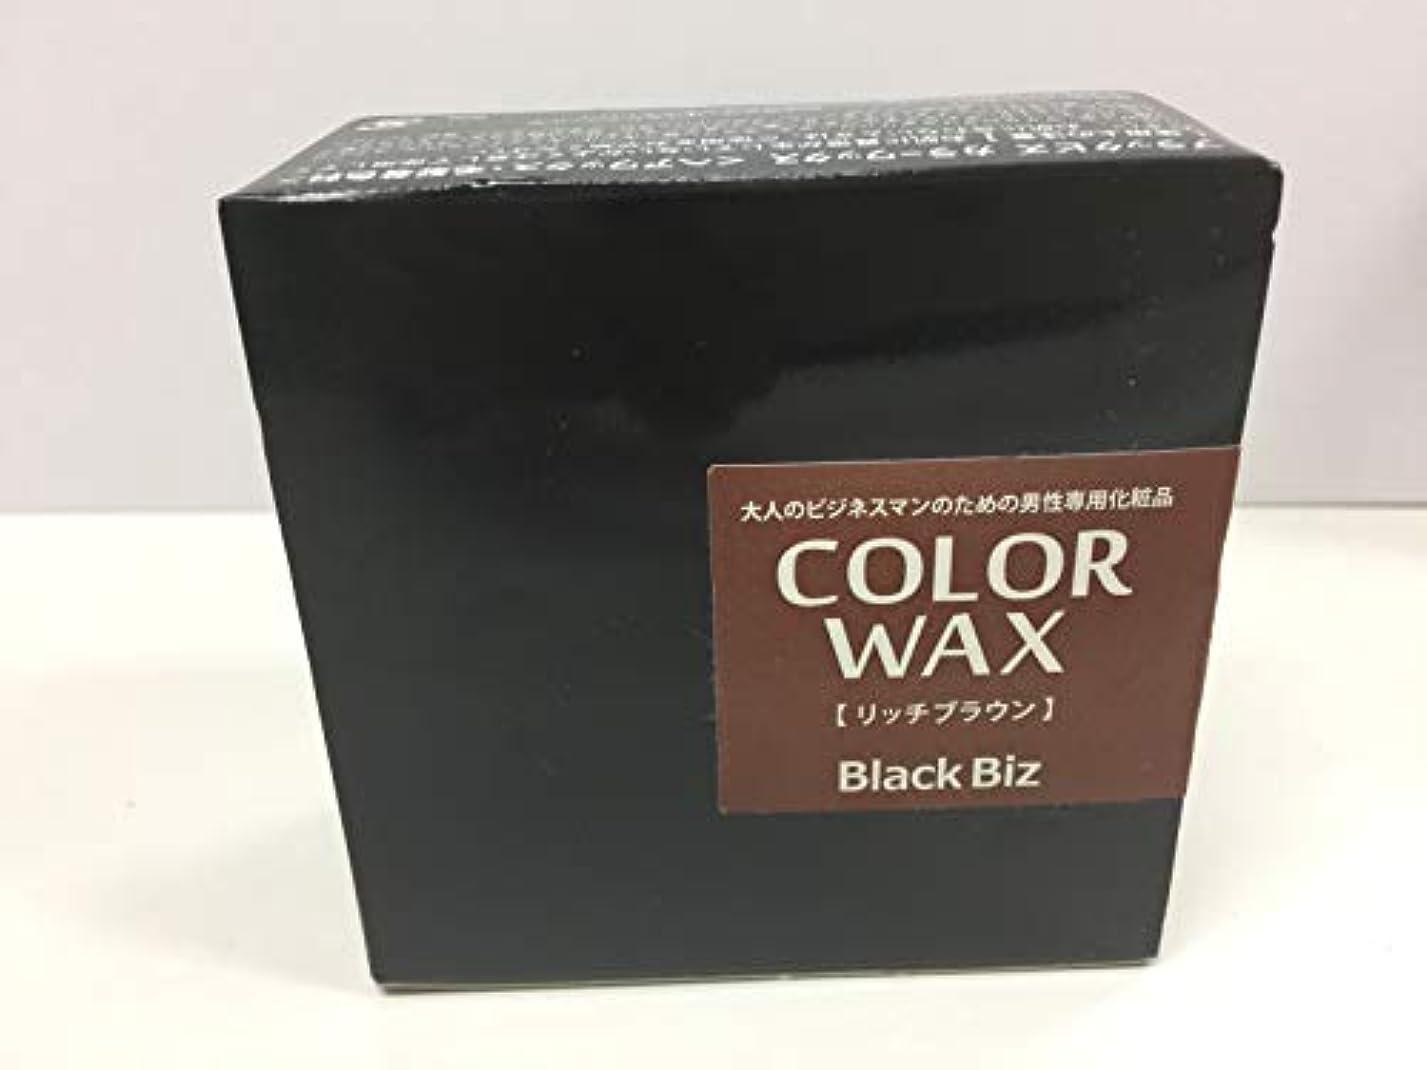 ボイドキャッチ鼓舞する大人のビジネスマンのための男性専用化粧品 BlackBiz COLOR WAX ブラックビズ カラーワックス 【リッチブラウン】